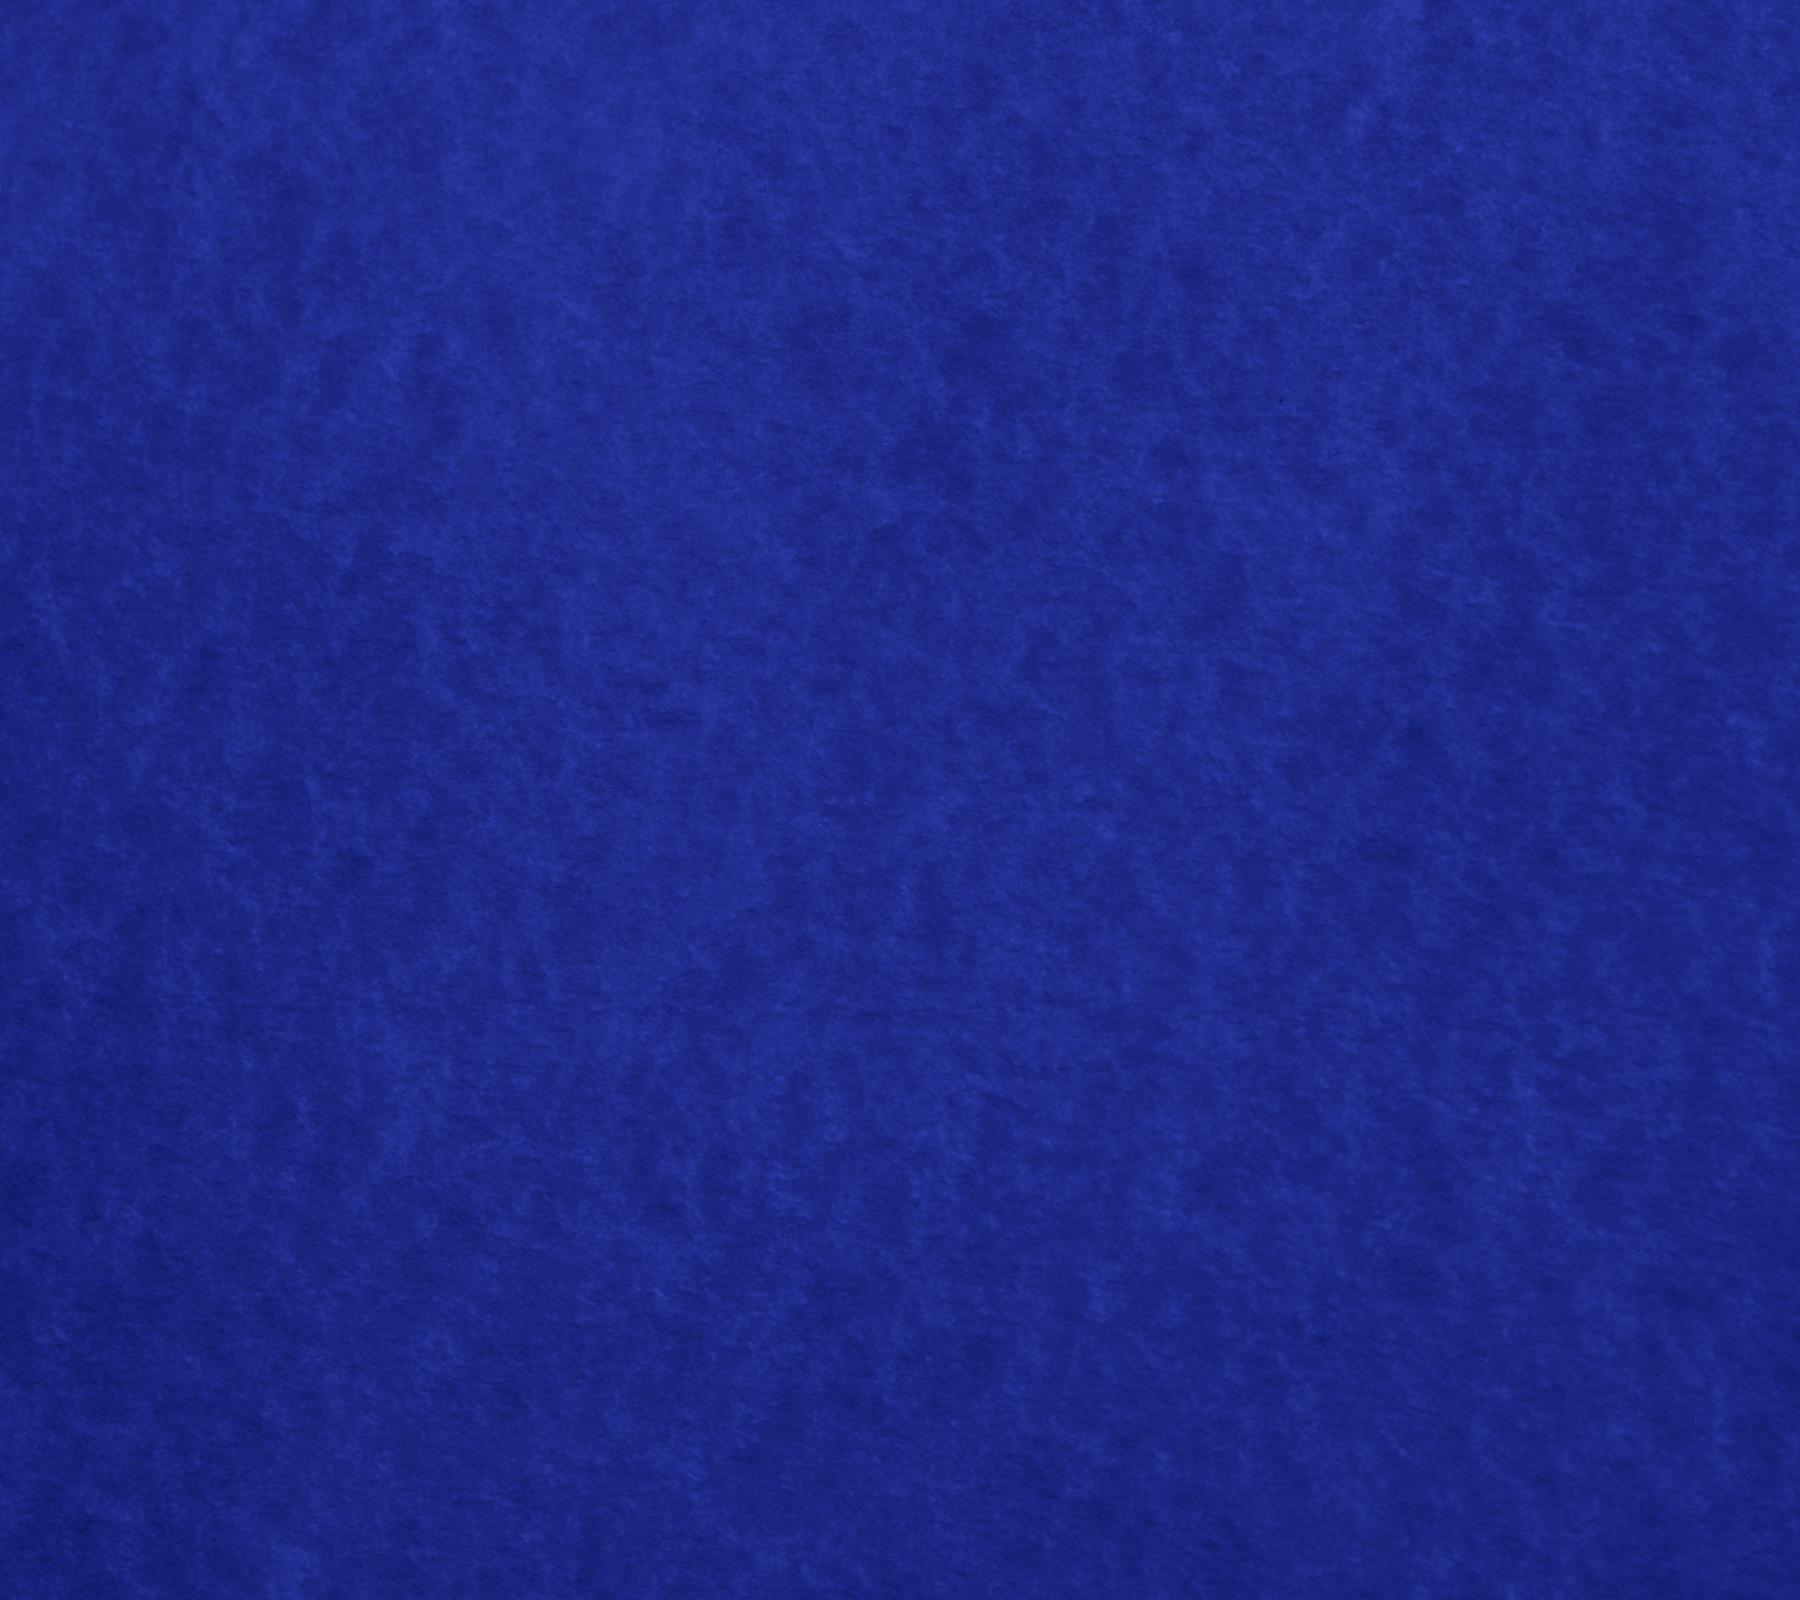 Cobalt Blue Parchment Paper Background 1800x1600 Background Image ...